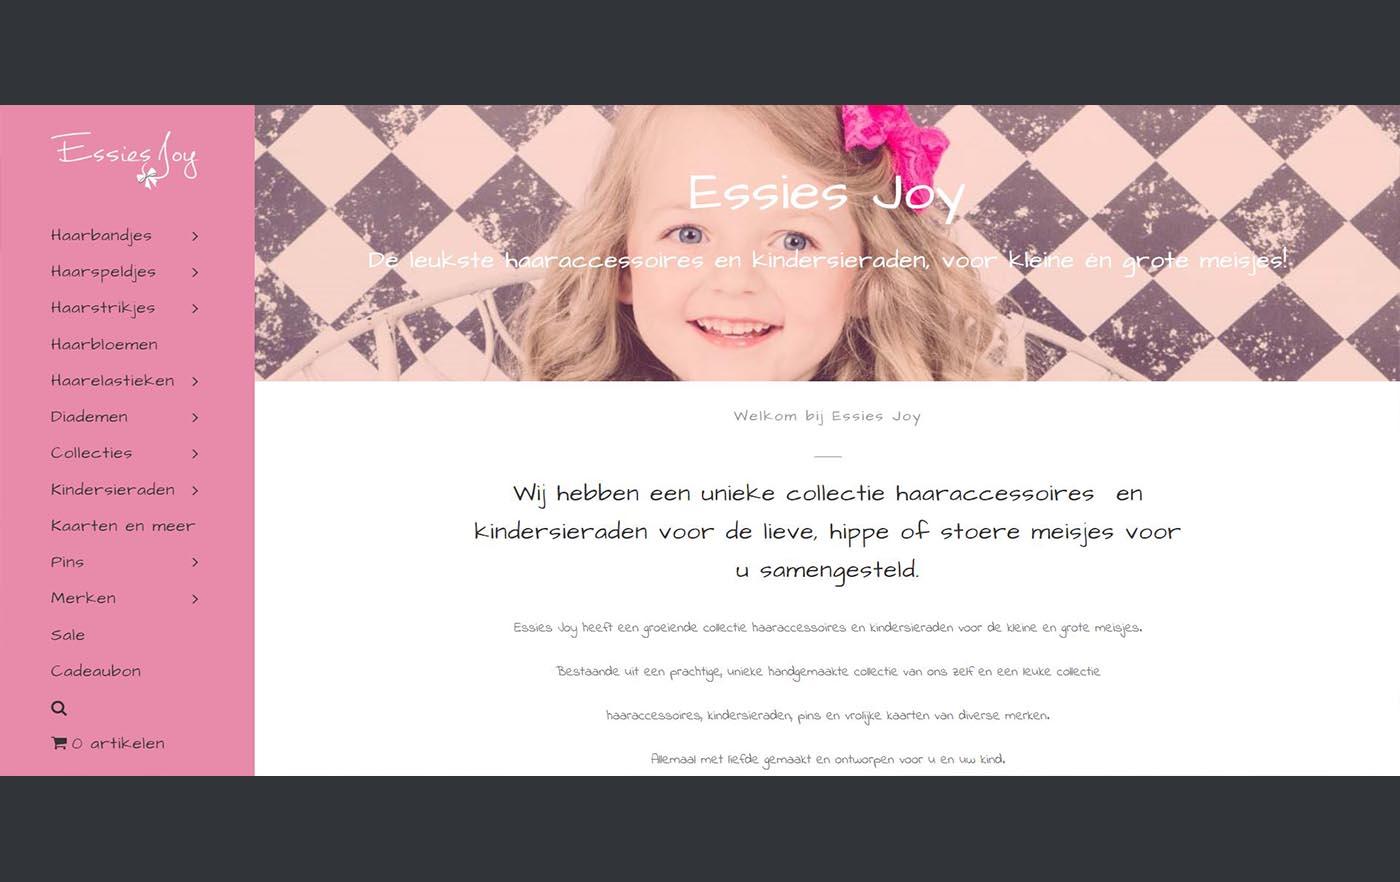 Hartman Werkt - website Essies Joy